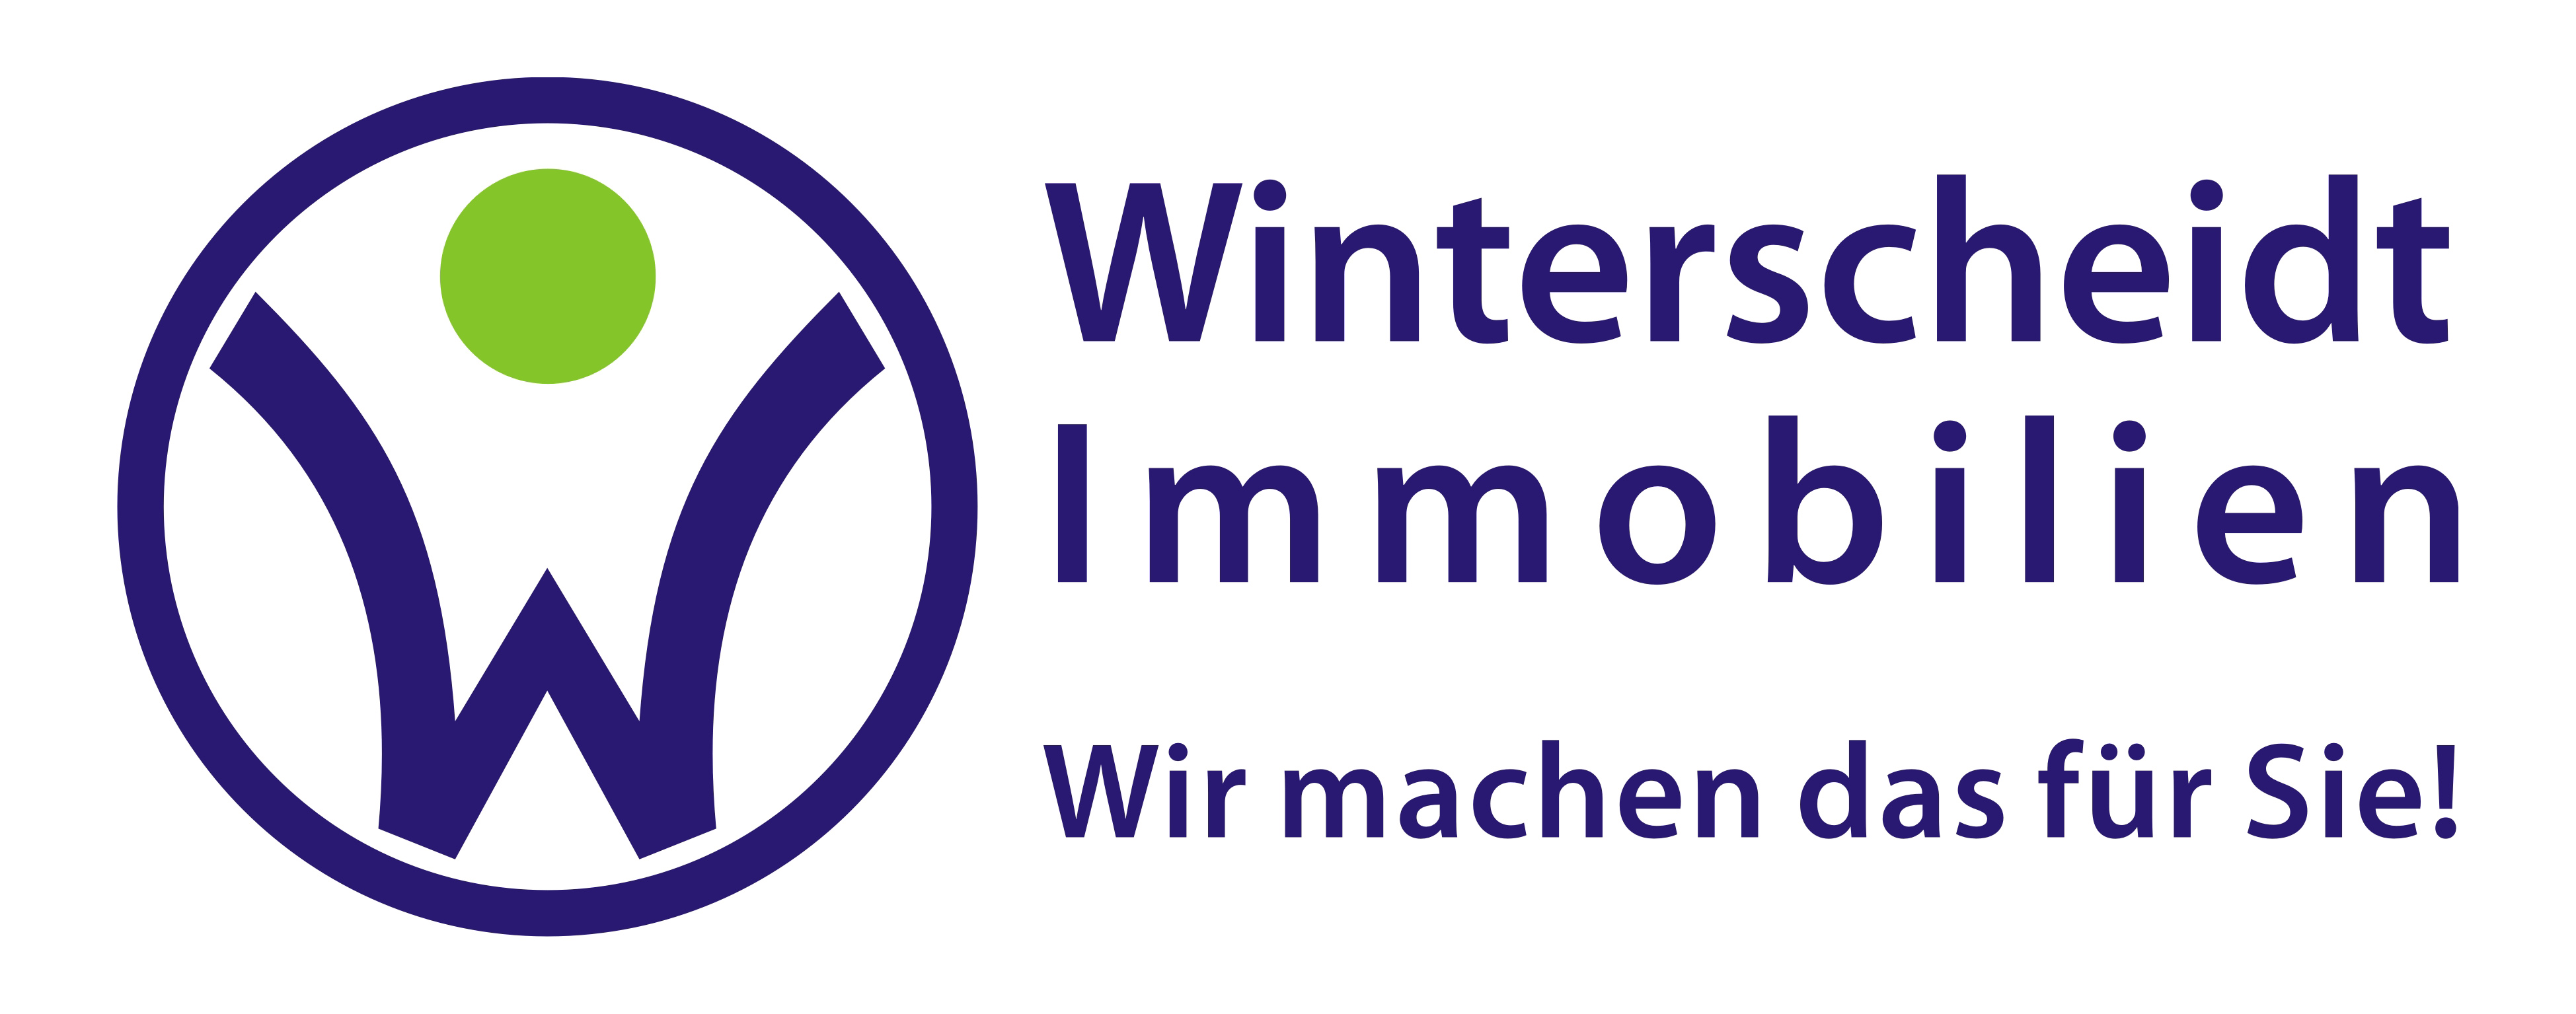 Hier sehen Sie das Logo von Winterscheidt Immobilien IVD